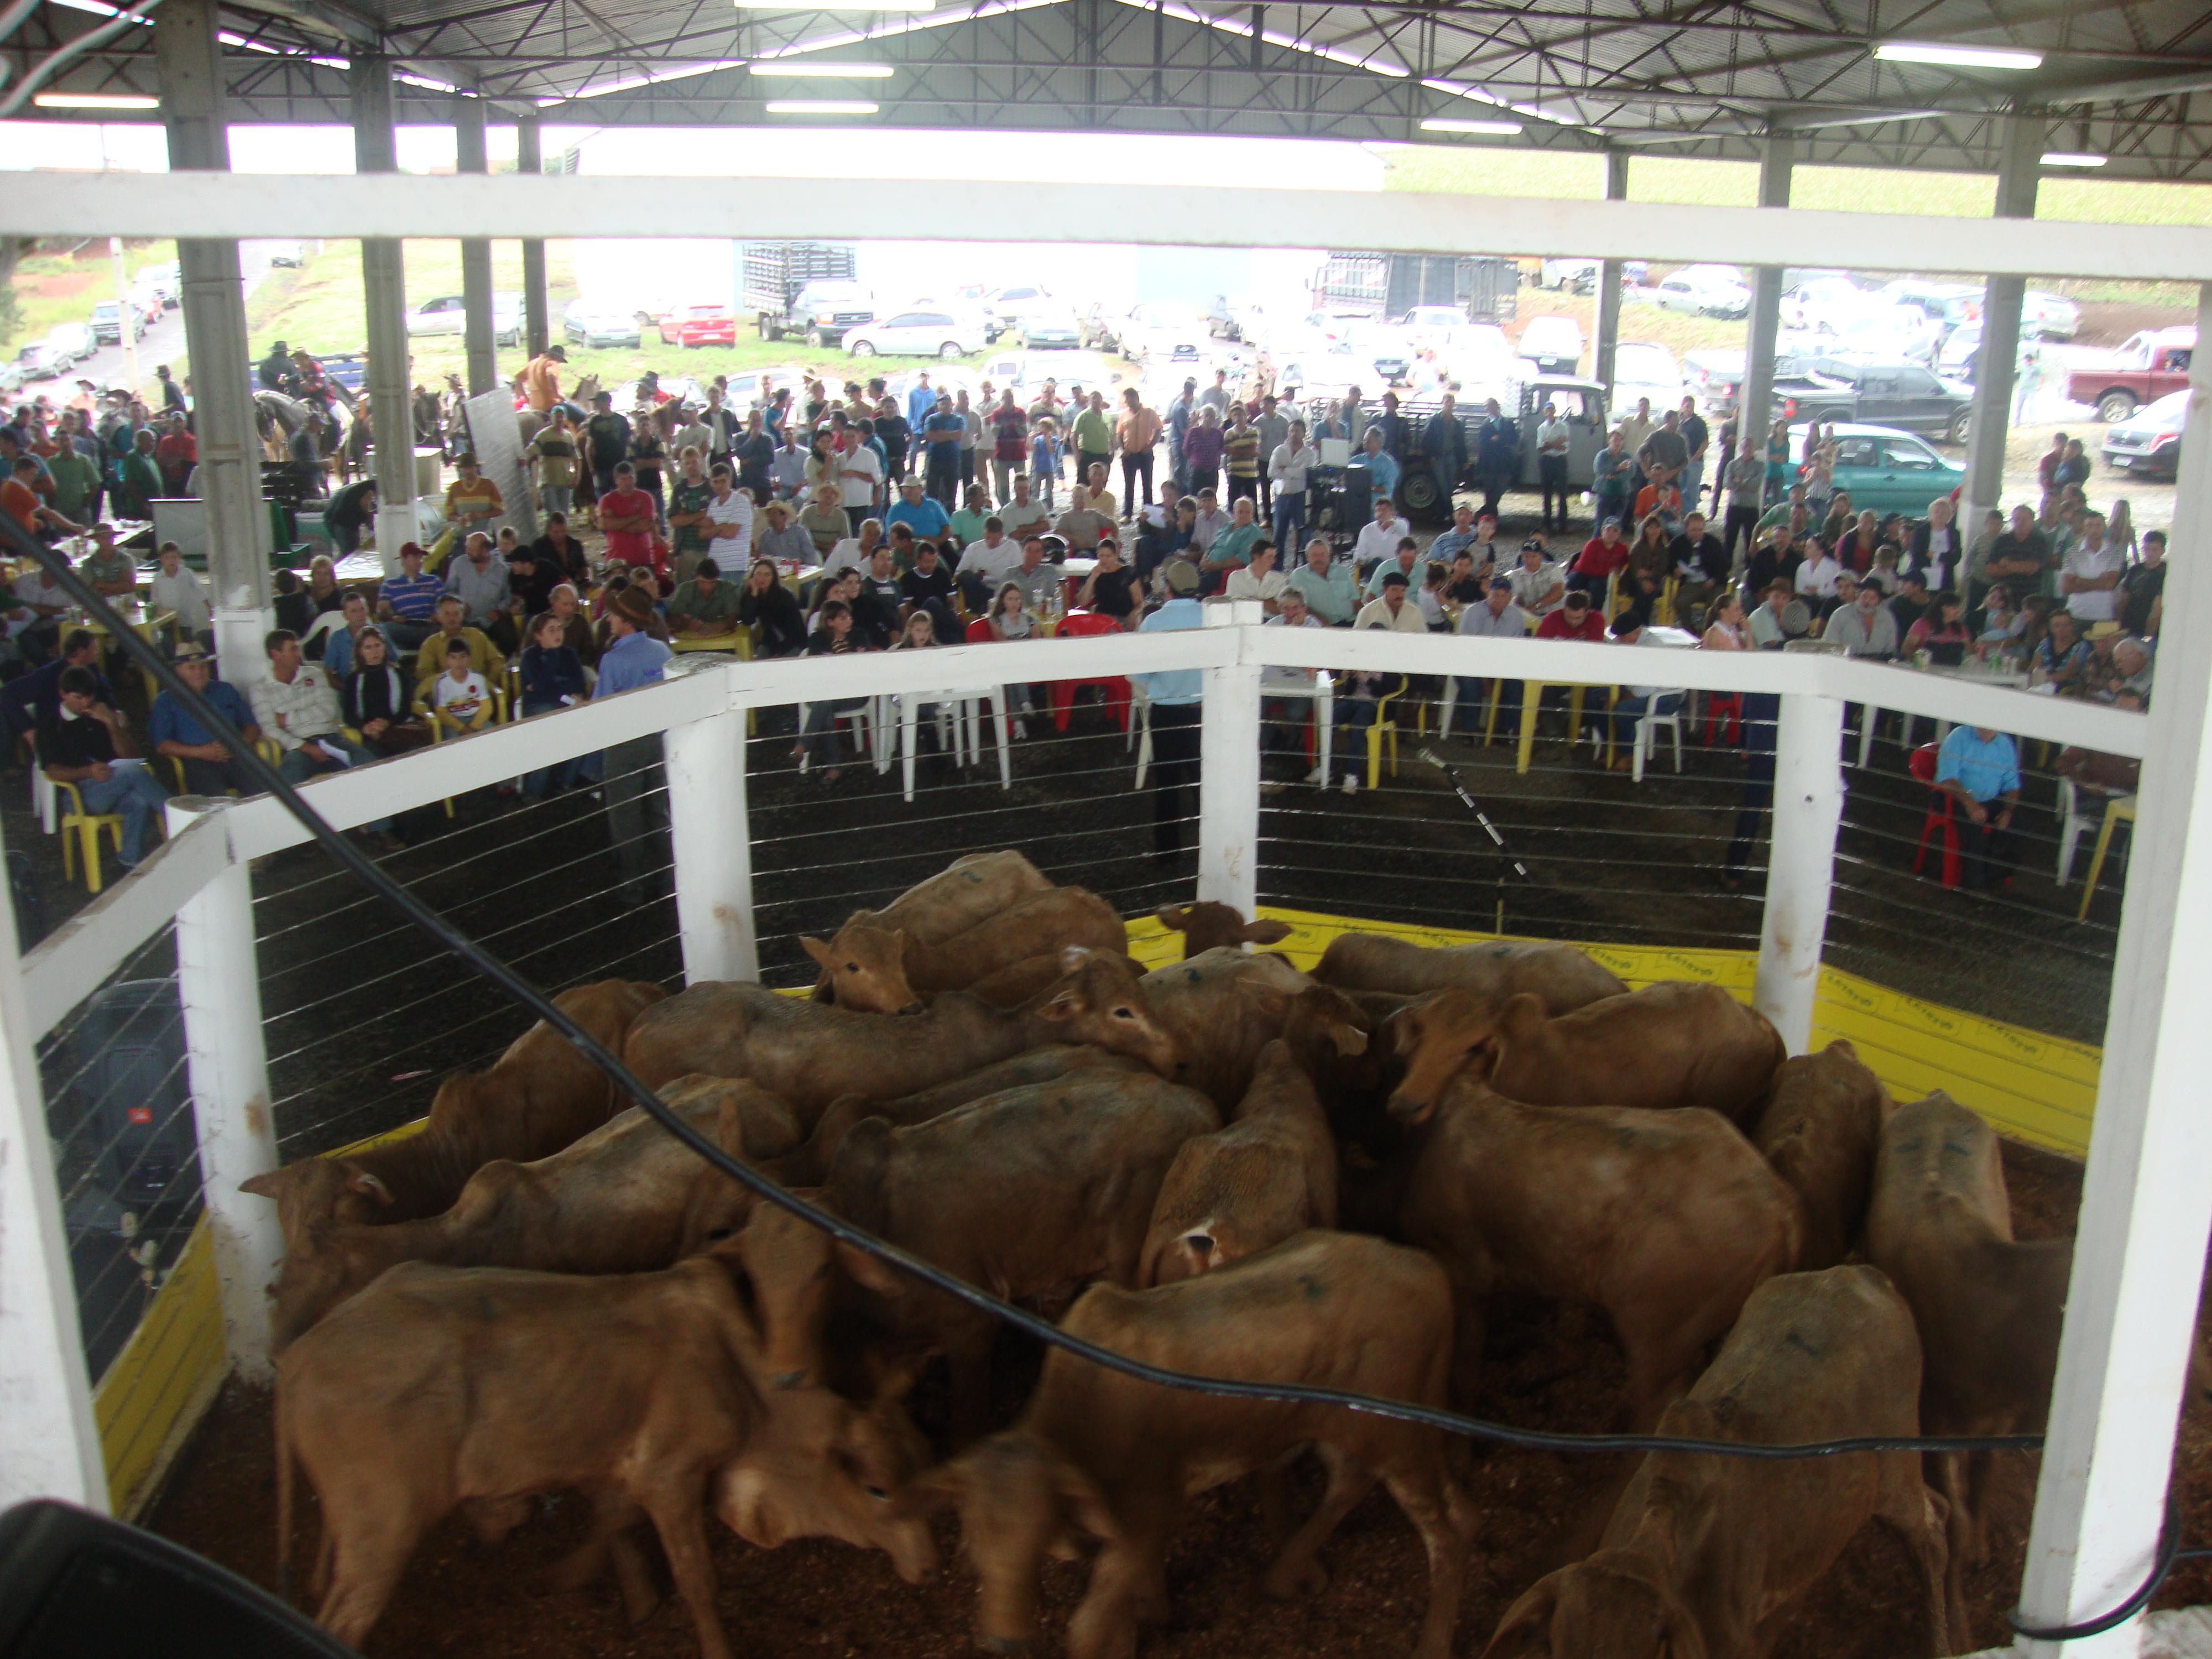 Leil�o inaugural do Centro de Leil�es Emerson Dal Santo, realizado pela Sociedade Rural na pista que foi desativada